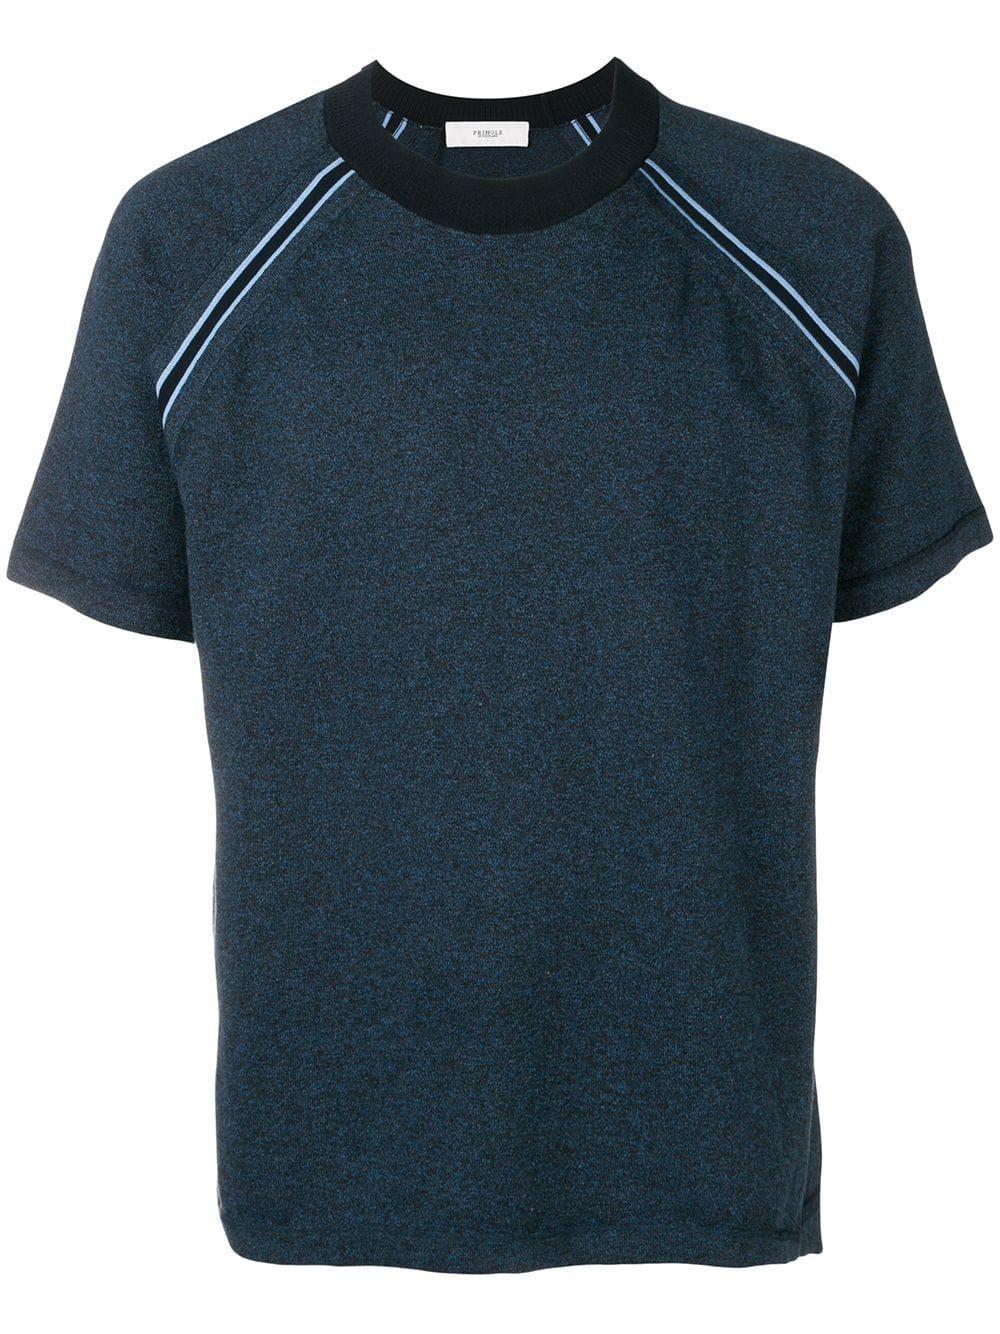 1a1037d4 PRINGLE OF SCOTLAND PRINGLE OF SCOTLAND MELANGE TRIM SHORT SLEEVE T-SHIRT -  BLUE. #pringleofscotland #cloth